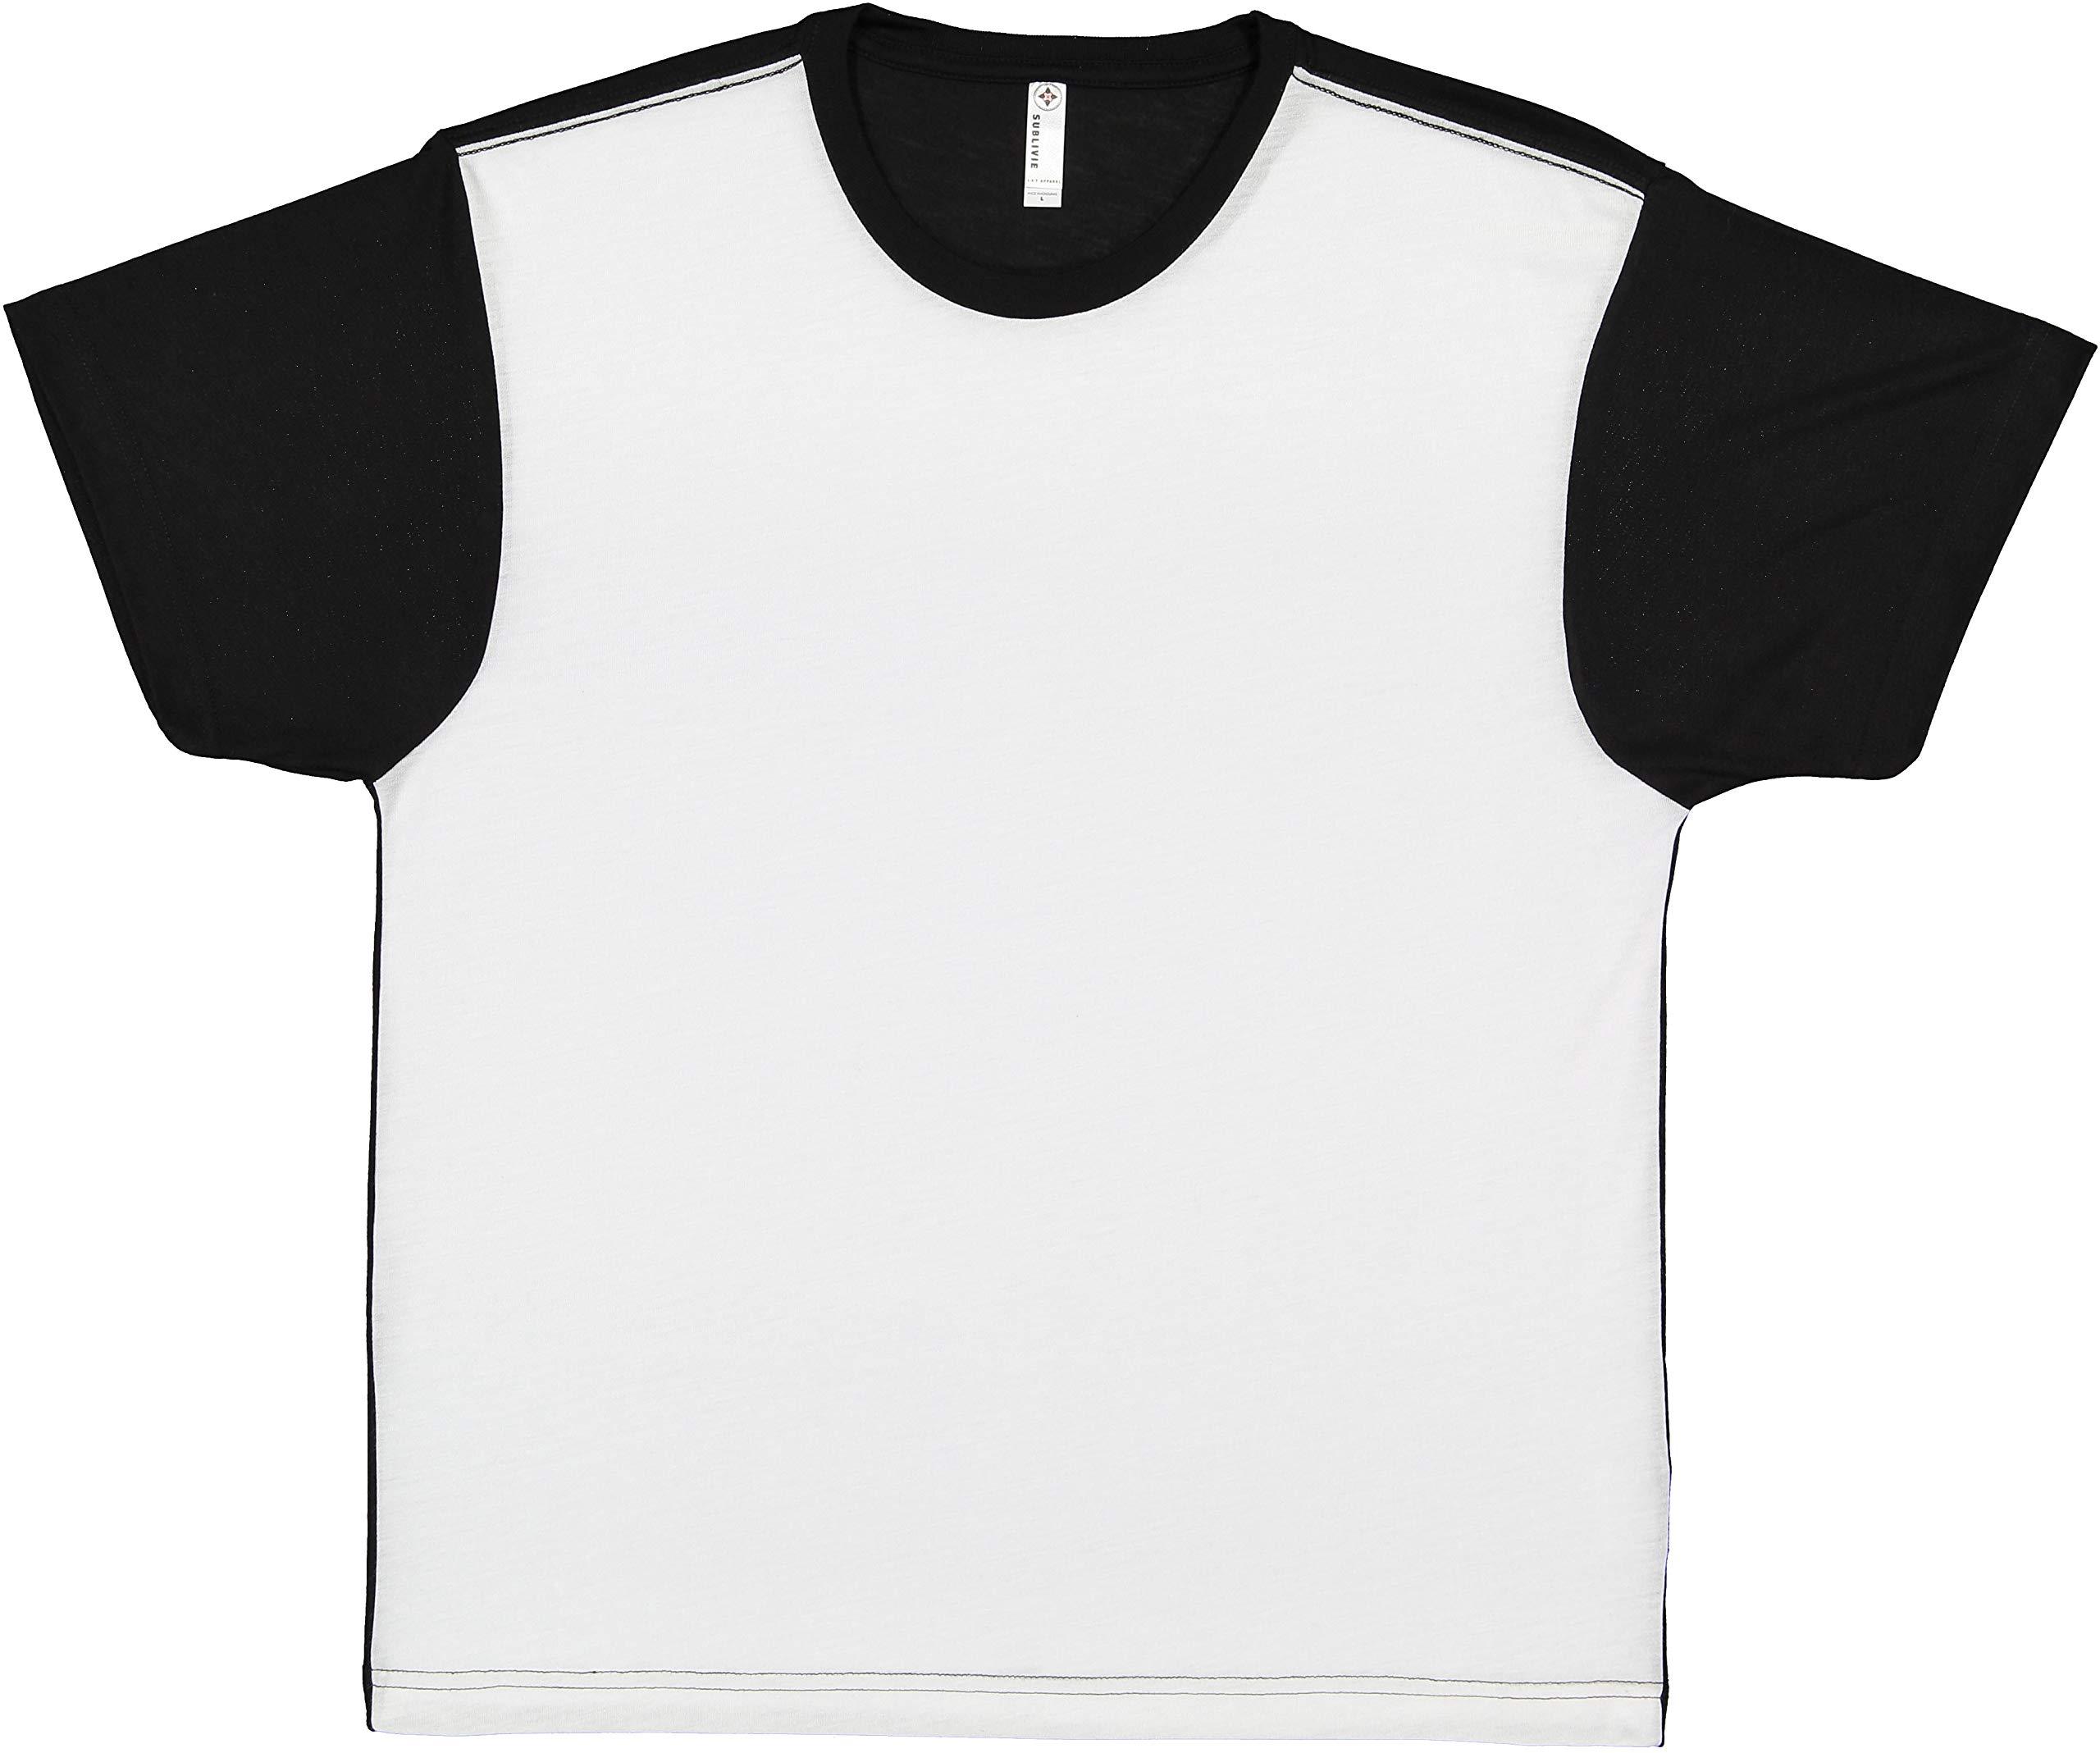 SUBLIVIE Men's 100% Polyester Color Block Crew Neck Short Sleeve Sublimation T-Shirt